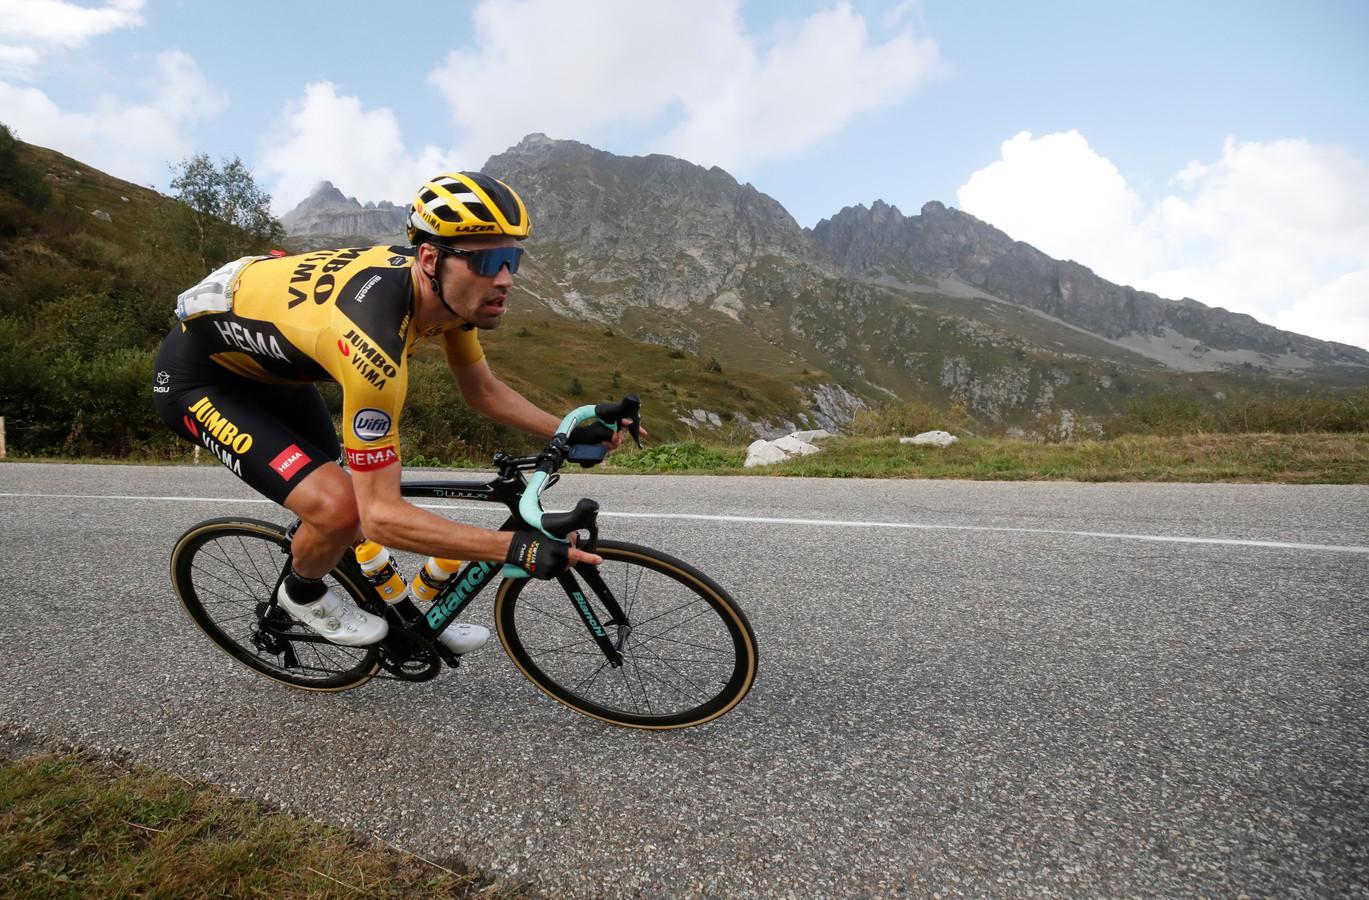 Tom Dumoulin tijdens de afgelopen Tour de France. Hij besloot onlangs voorlopig te stoppen met wielrennen.